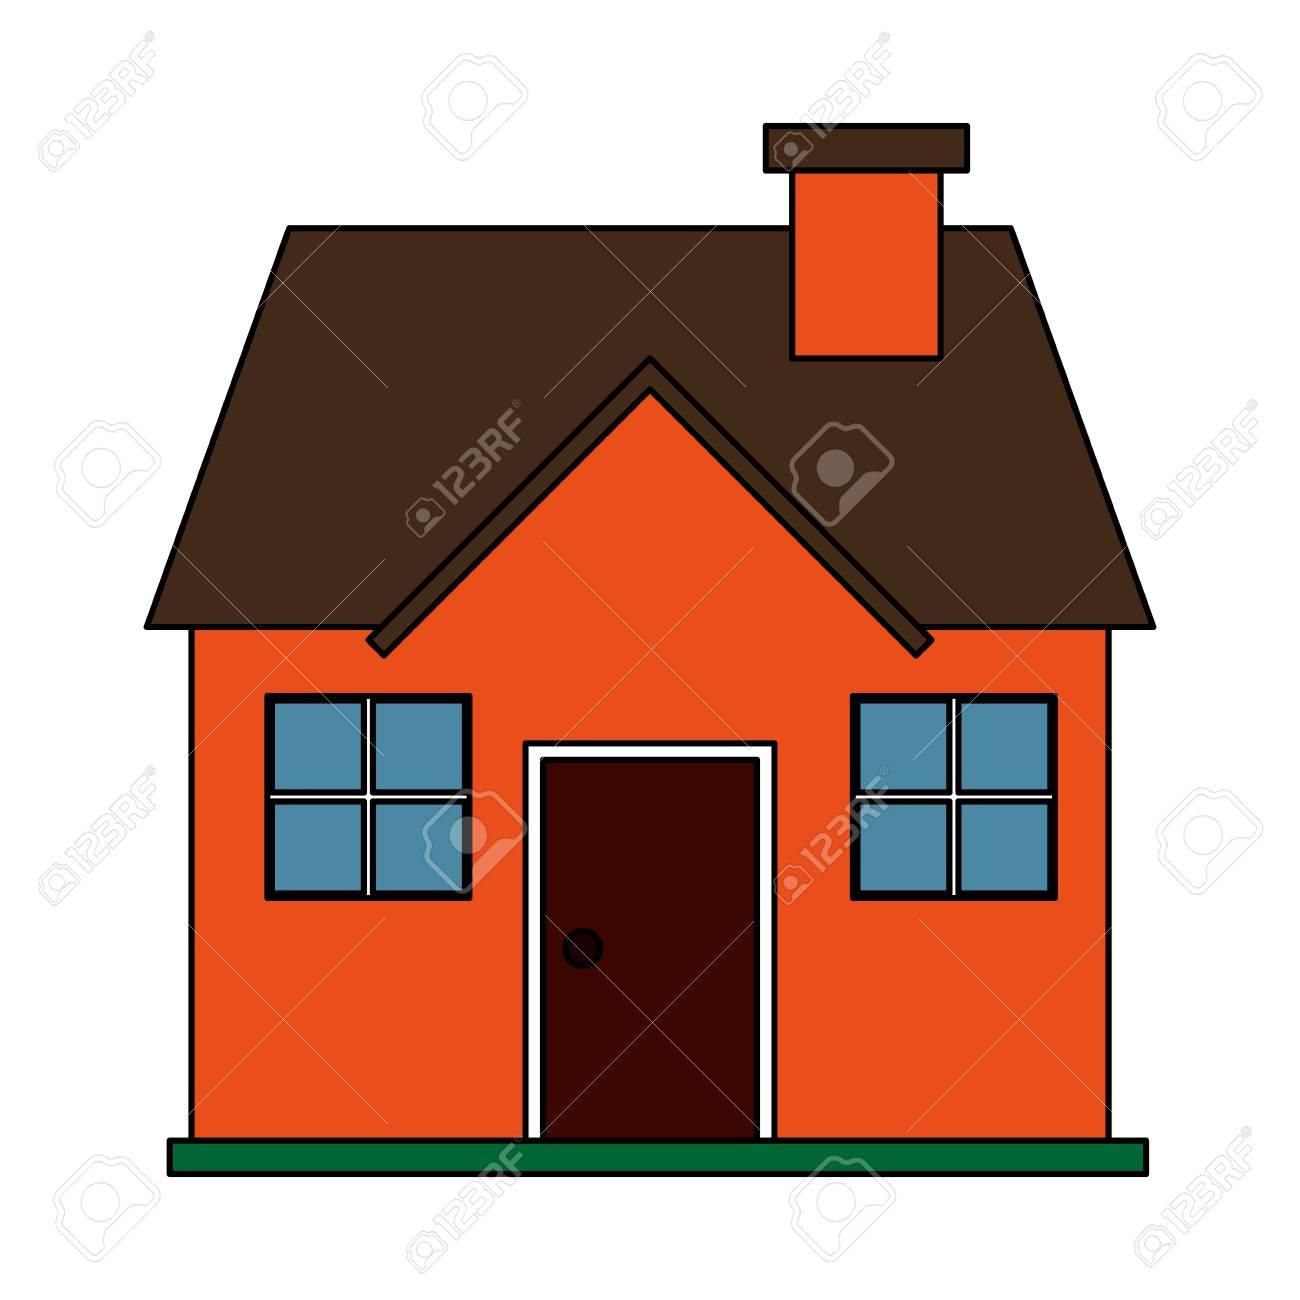 Banque dimages image couleur façade de dessin animé maison confortable avec illustration de vecteur cheminée